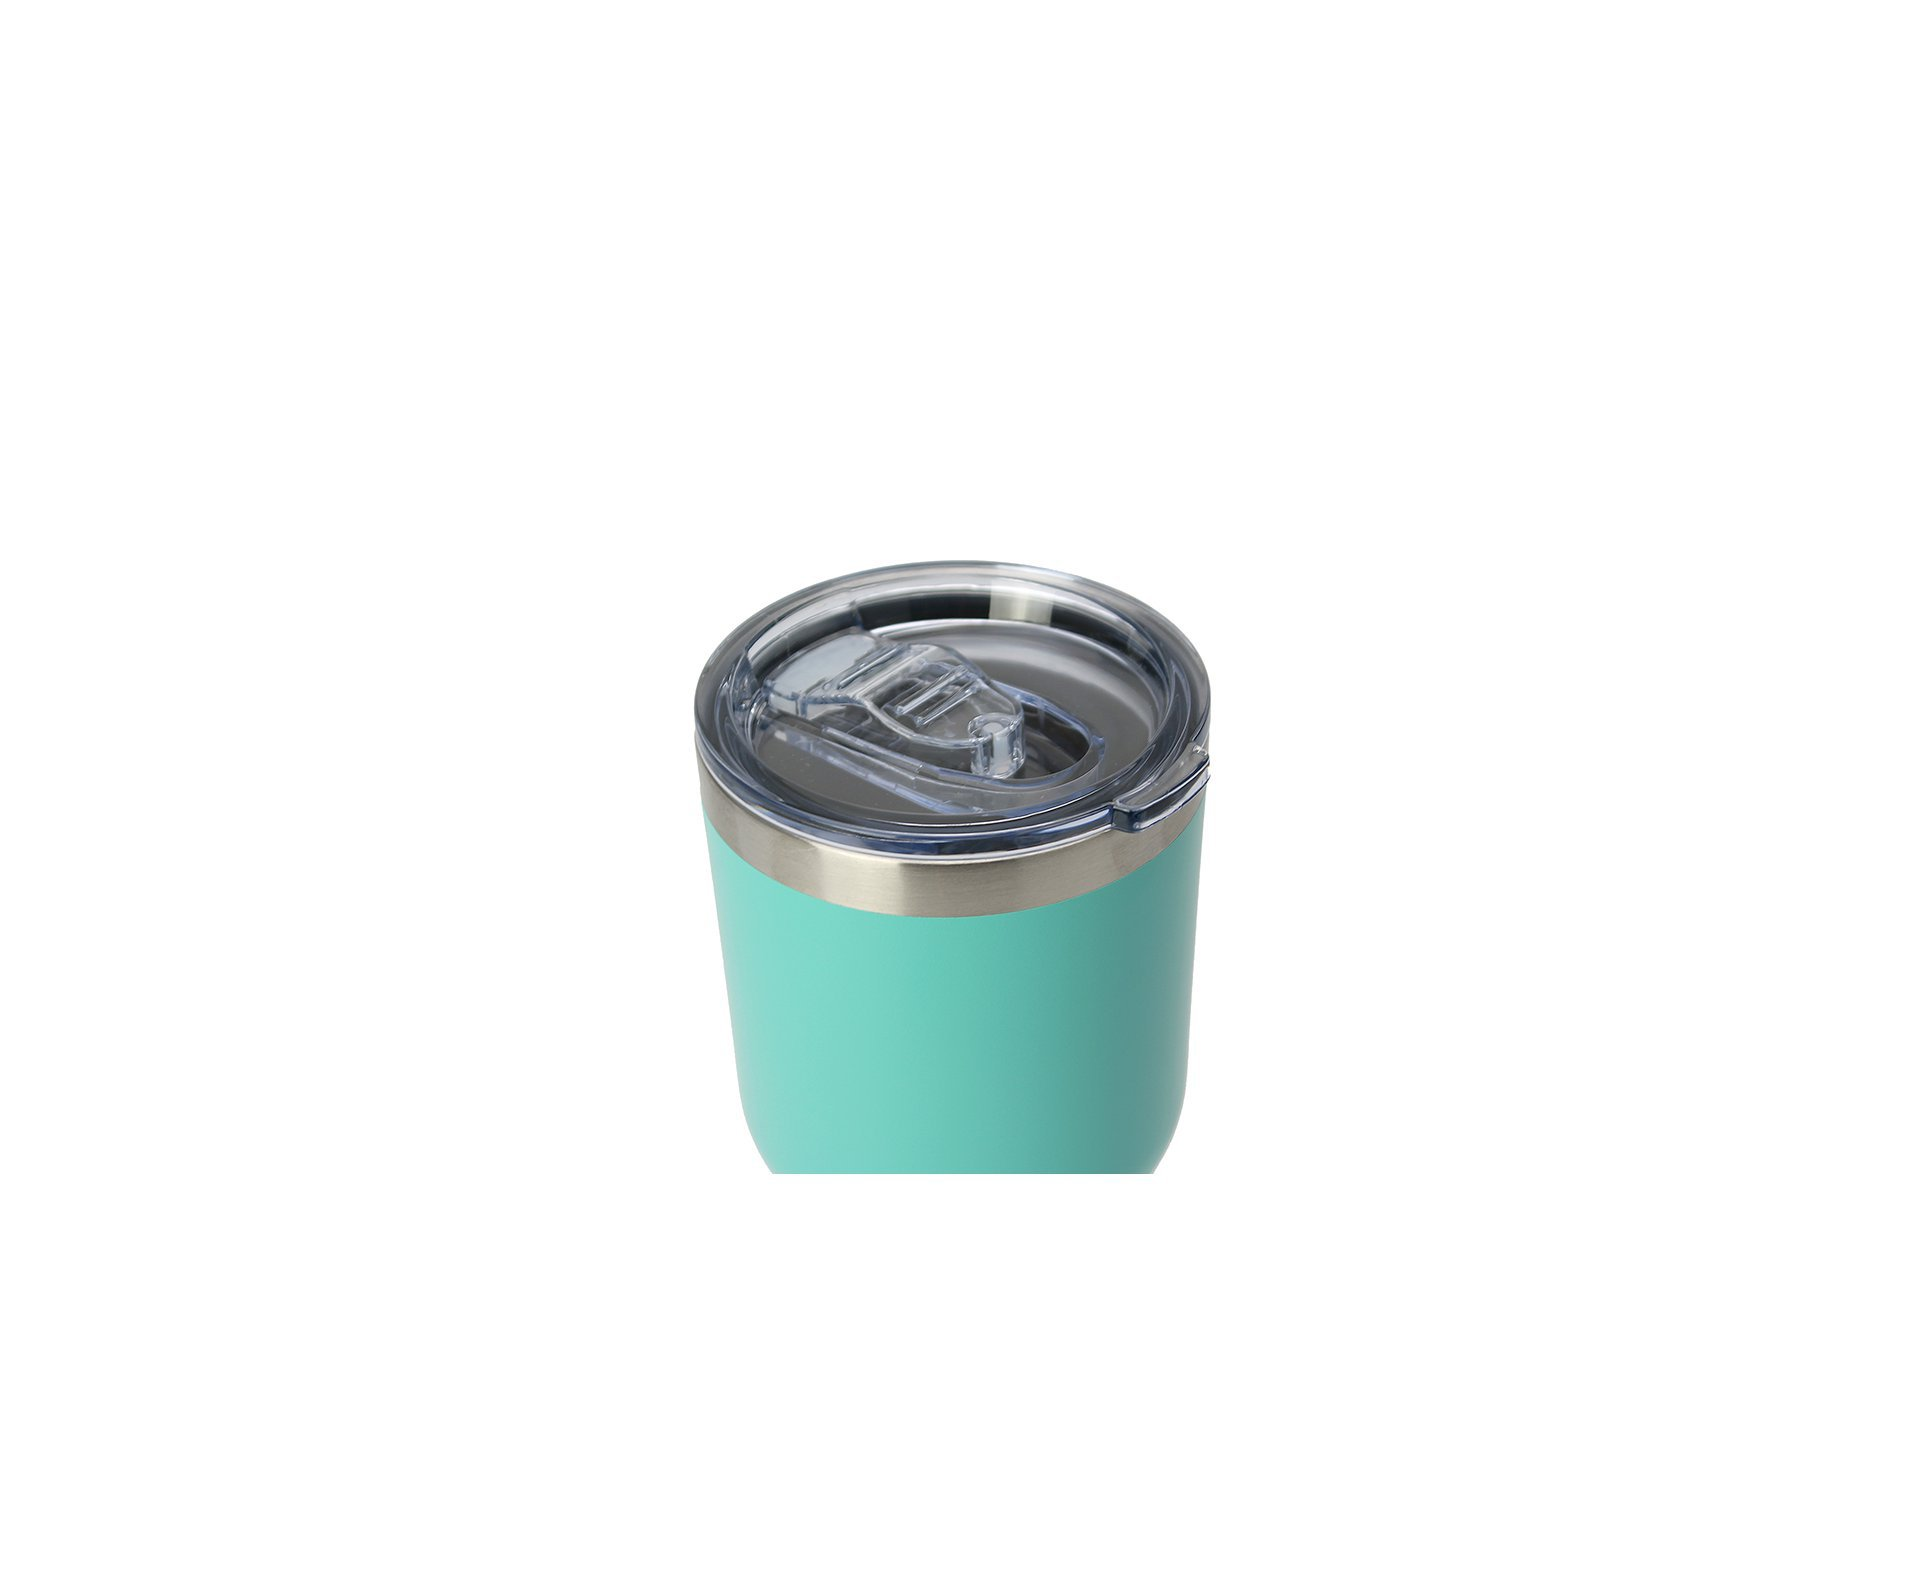 Copo Térmico Inox Nautika Siluet Turquesa 850 Ml + 02 Canudos Metal + Escova Limpeza